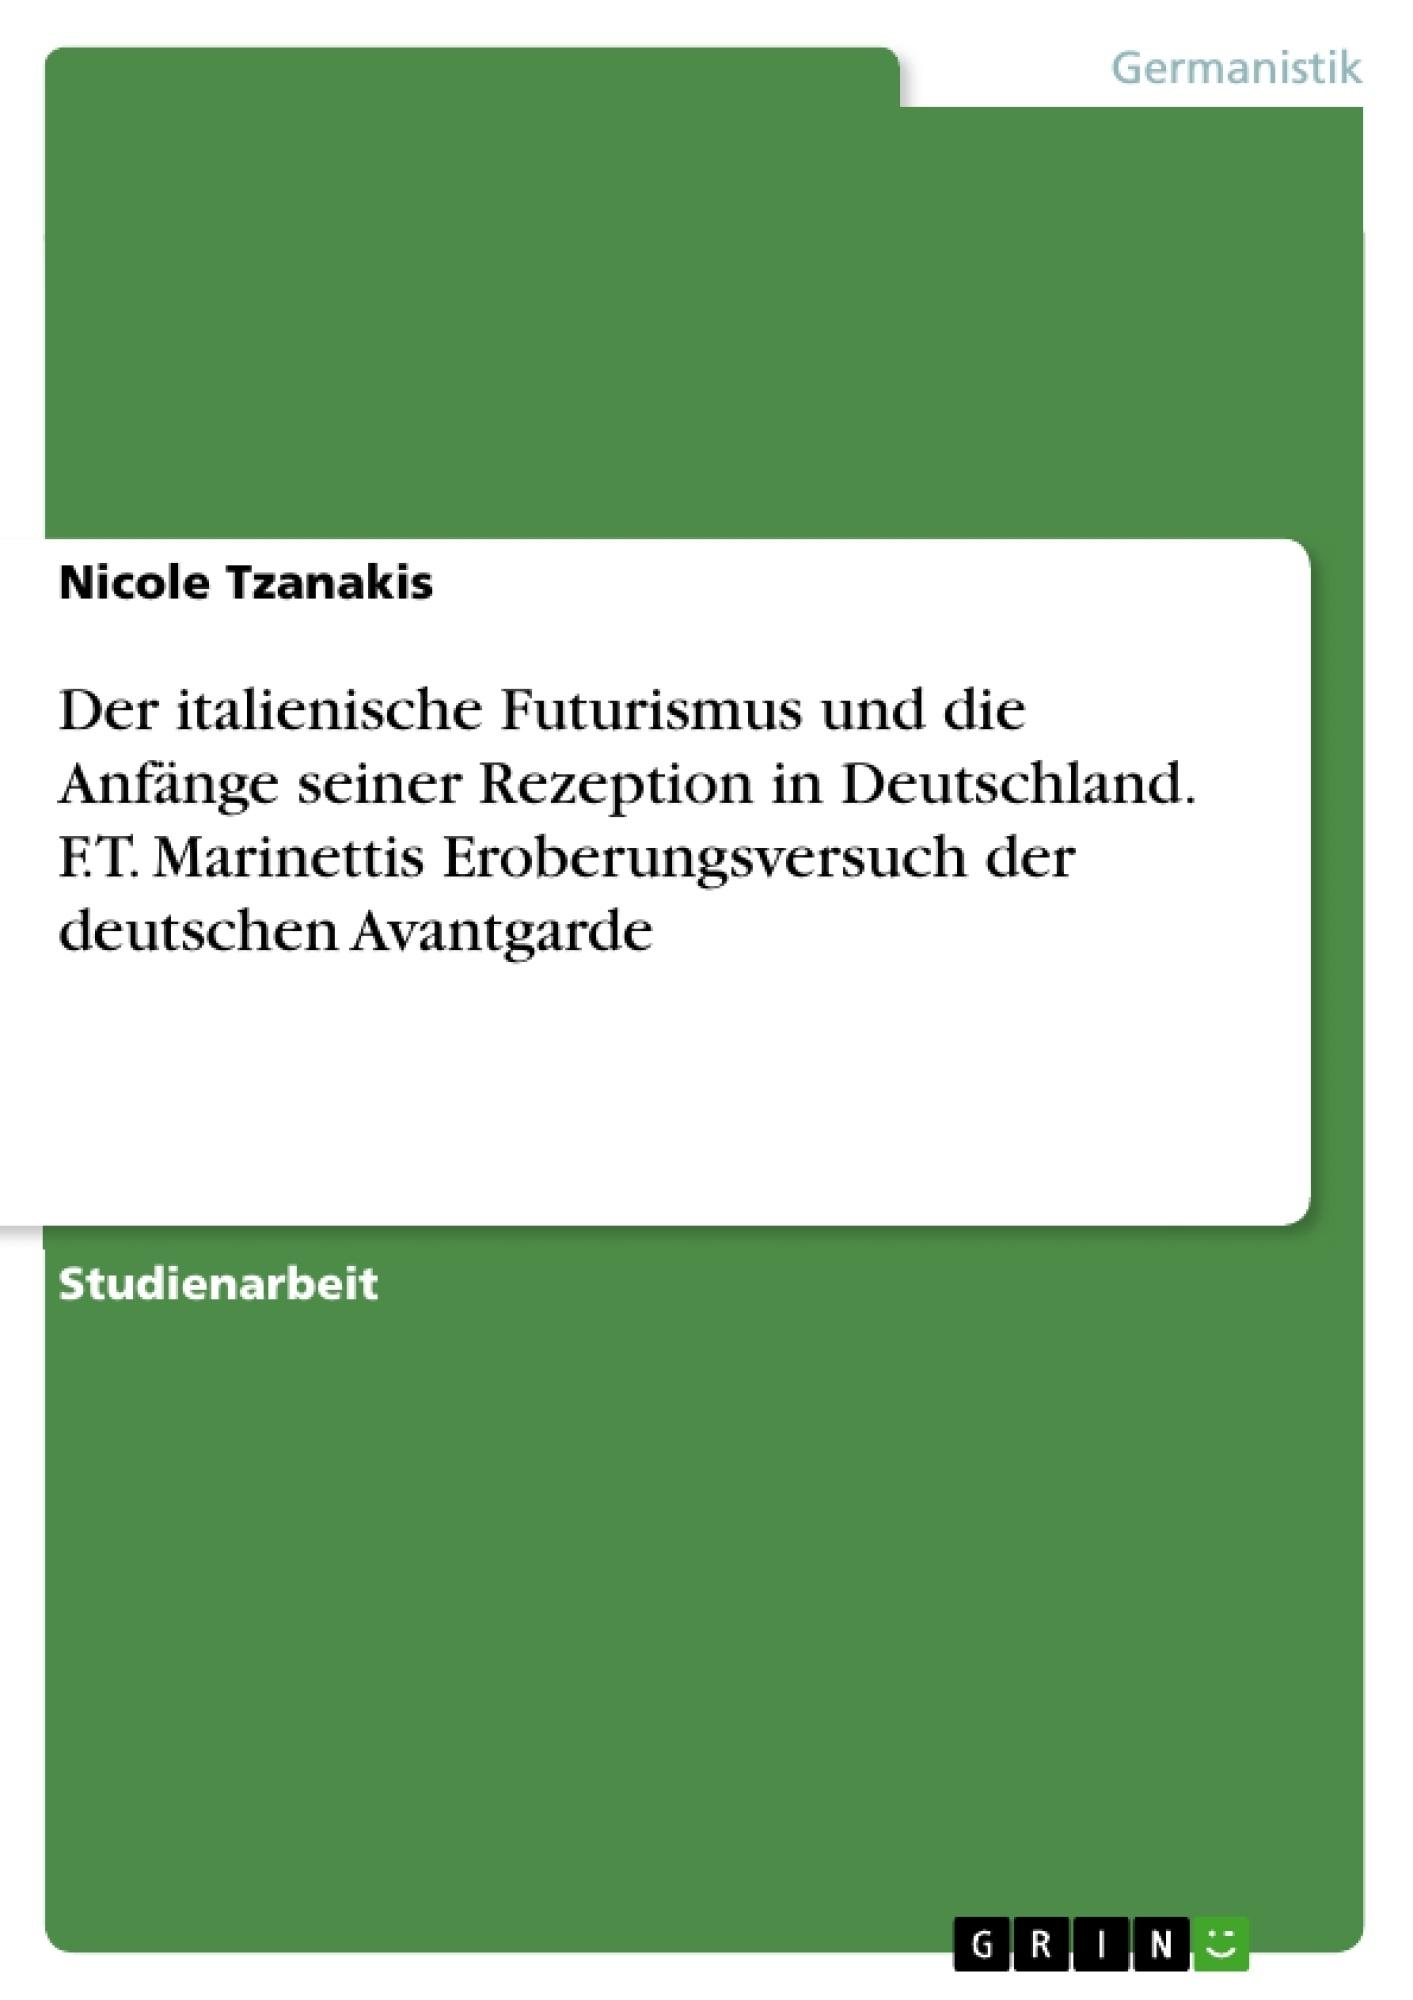 Titel: Der italienische Futurismus und die Anfänge seiner Rezeption in Deutschland. F.T. Marinettis Eroberungsversuch der deutschen Avantgarde